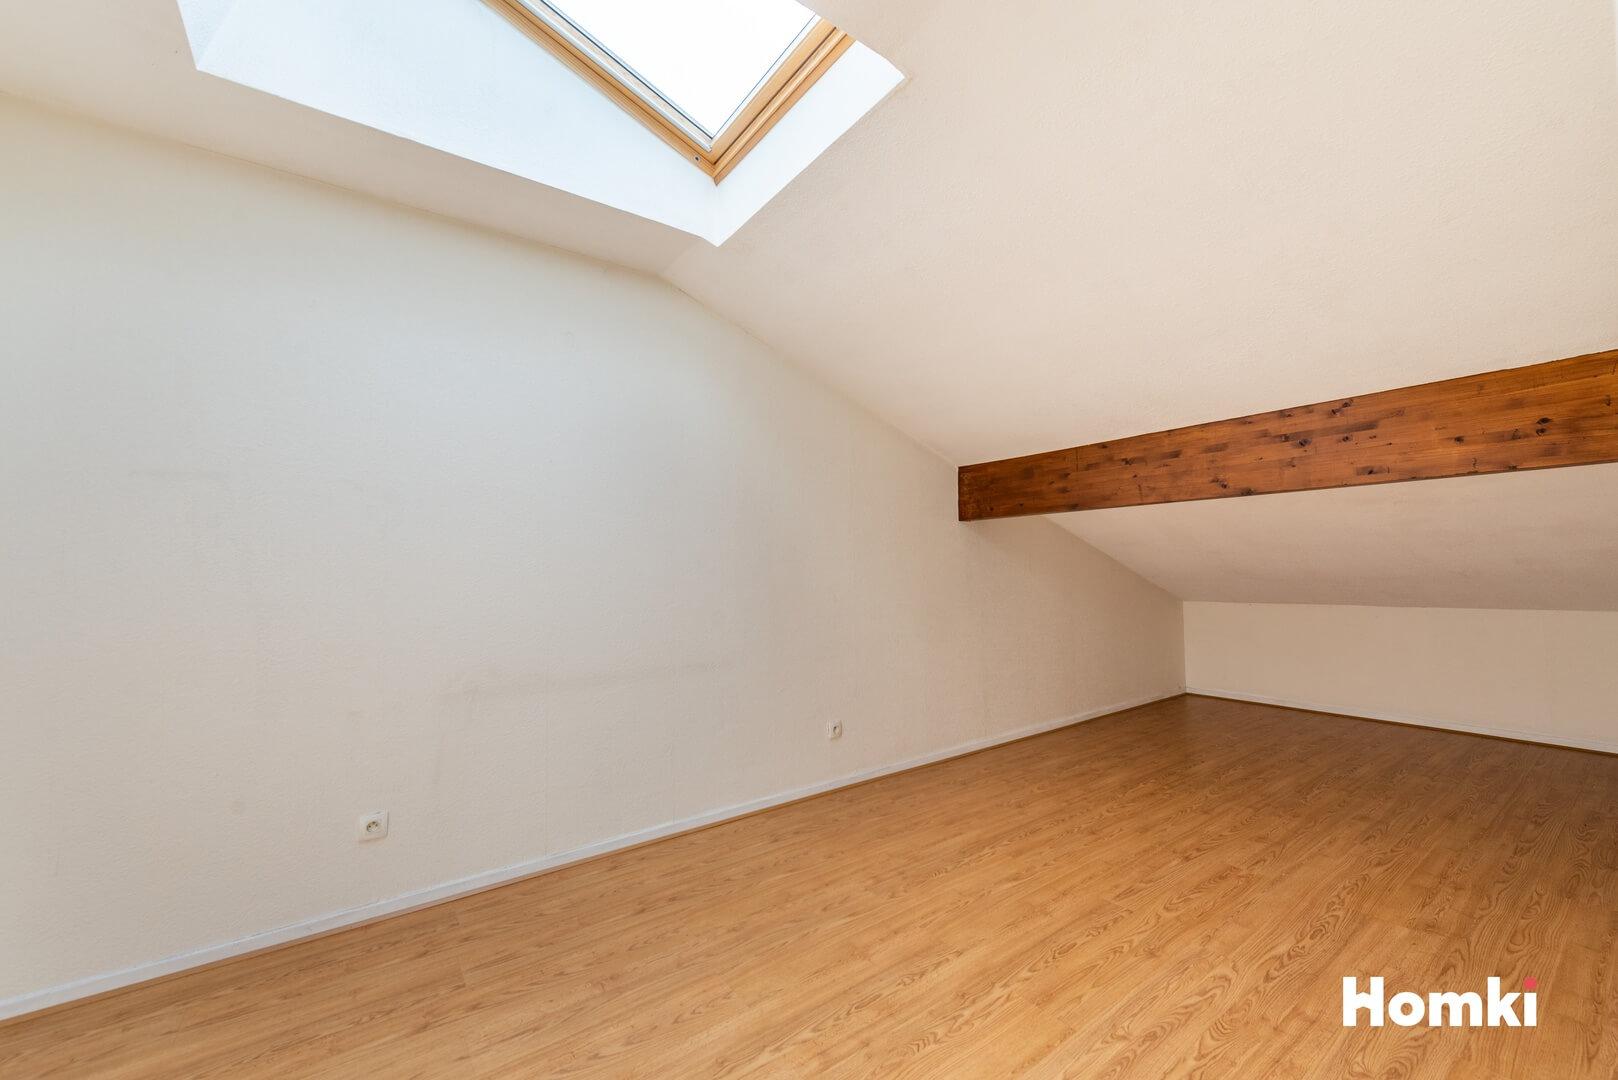 Homki - Vente Appartement  de 80.0 m² à Toulouse 31400